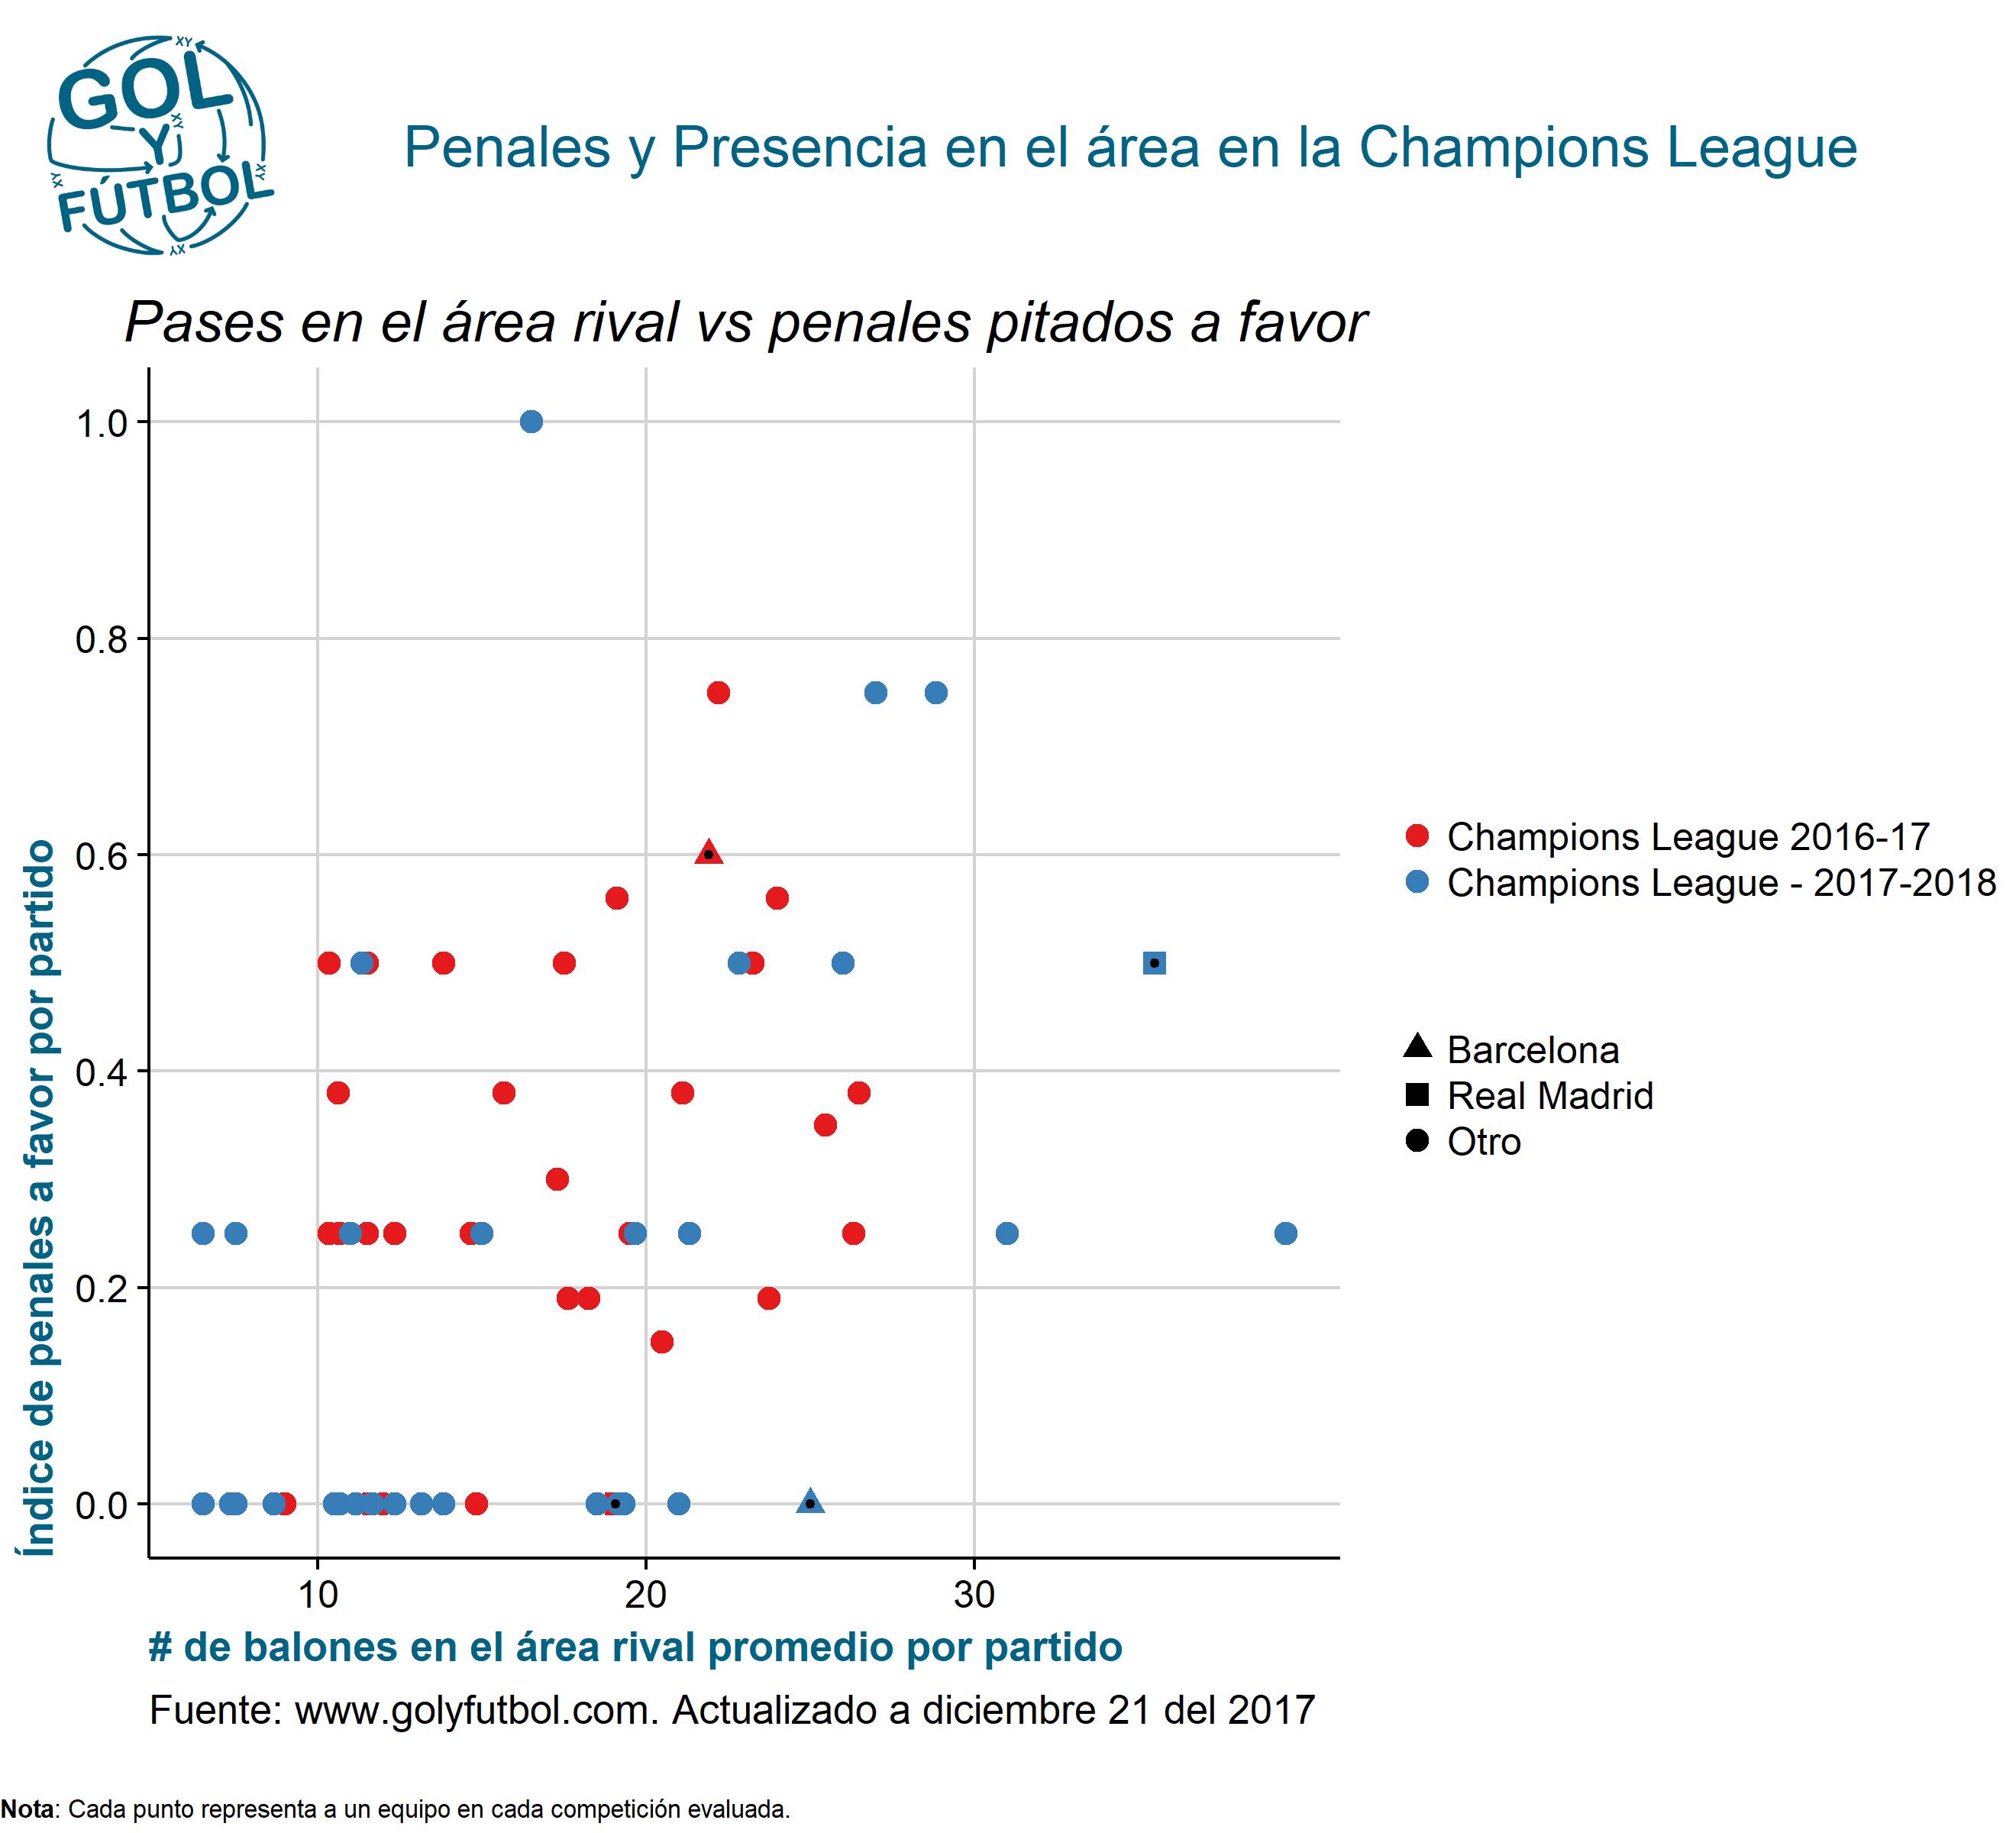 Penales y Presencia en el área en la Champions League